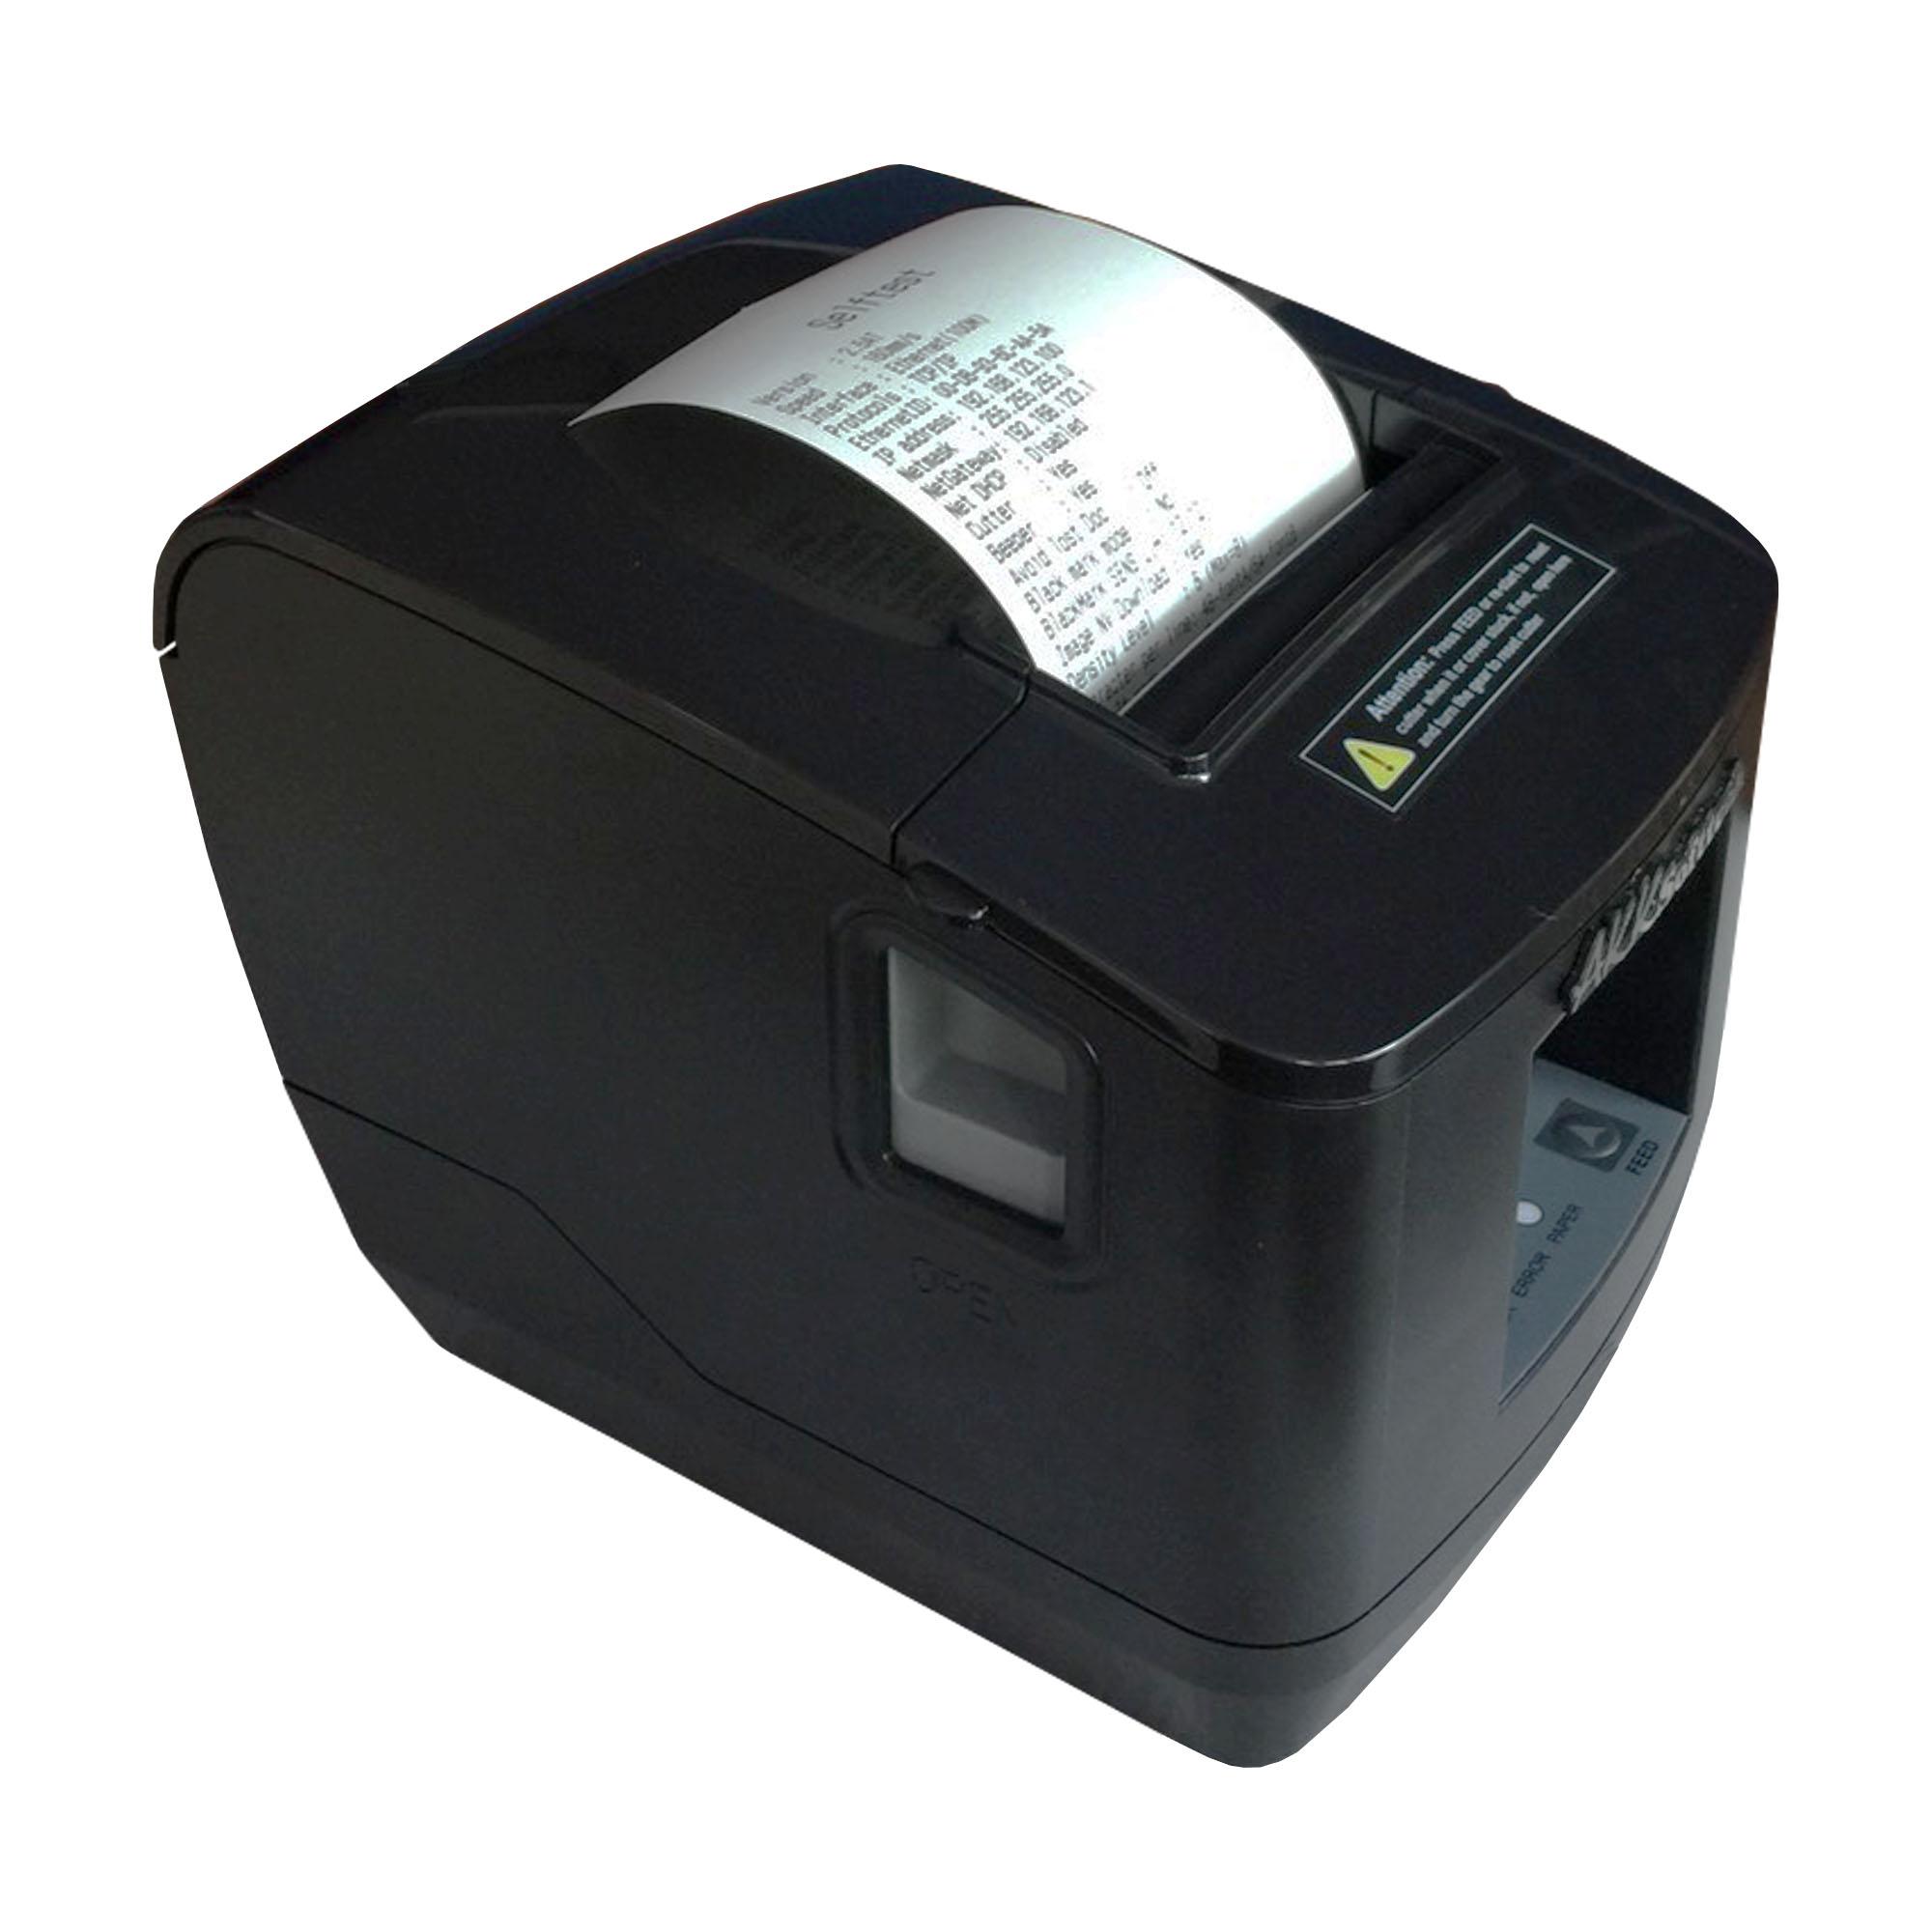 เครื่องพิมพ์ใบเสร็จหัวความร้อนขนาด 80 มม. (IN-80B)